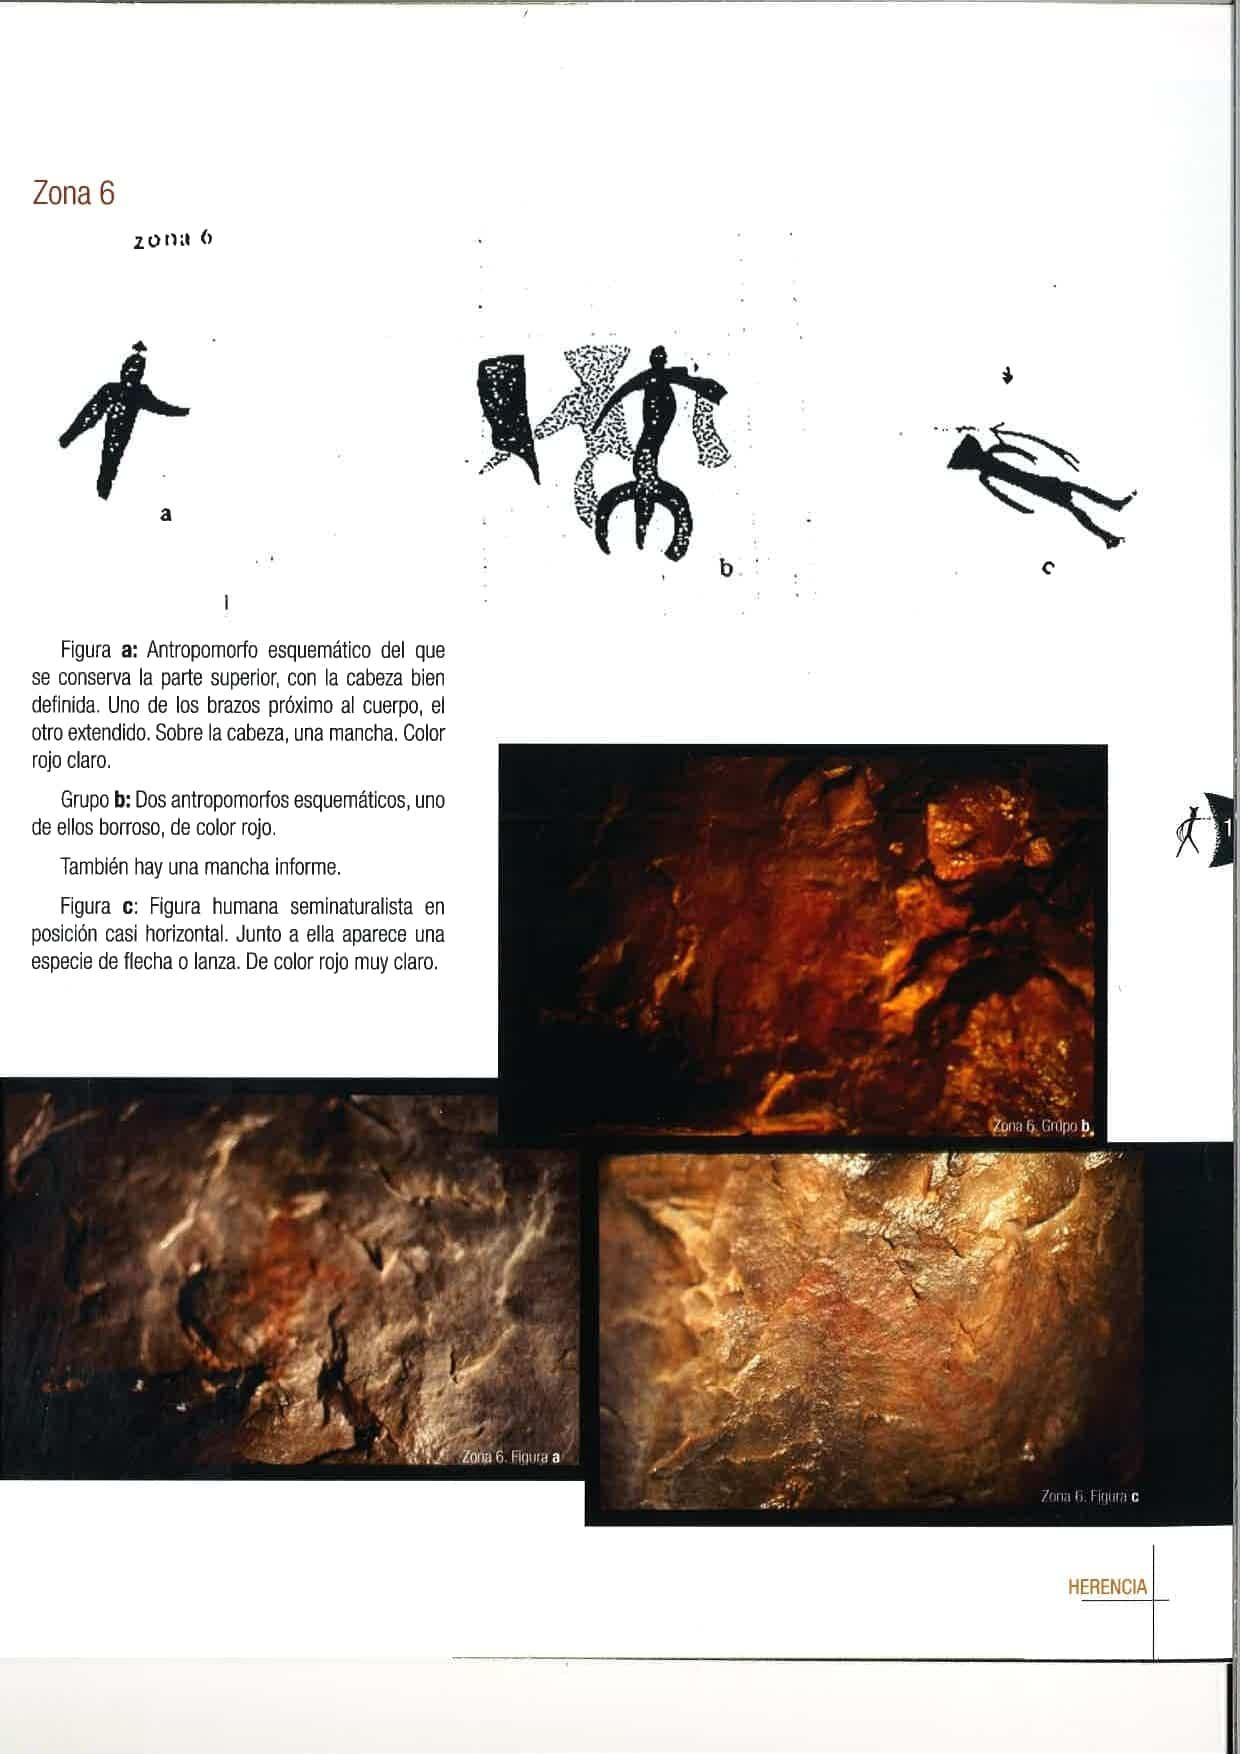 """la rendija herencia page 0012 - Herencia celebró el Día Europeo del Arte Rupestre con """"La Rendija"""""""